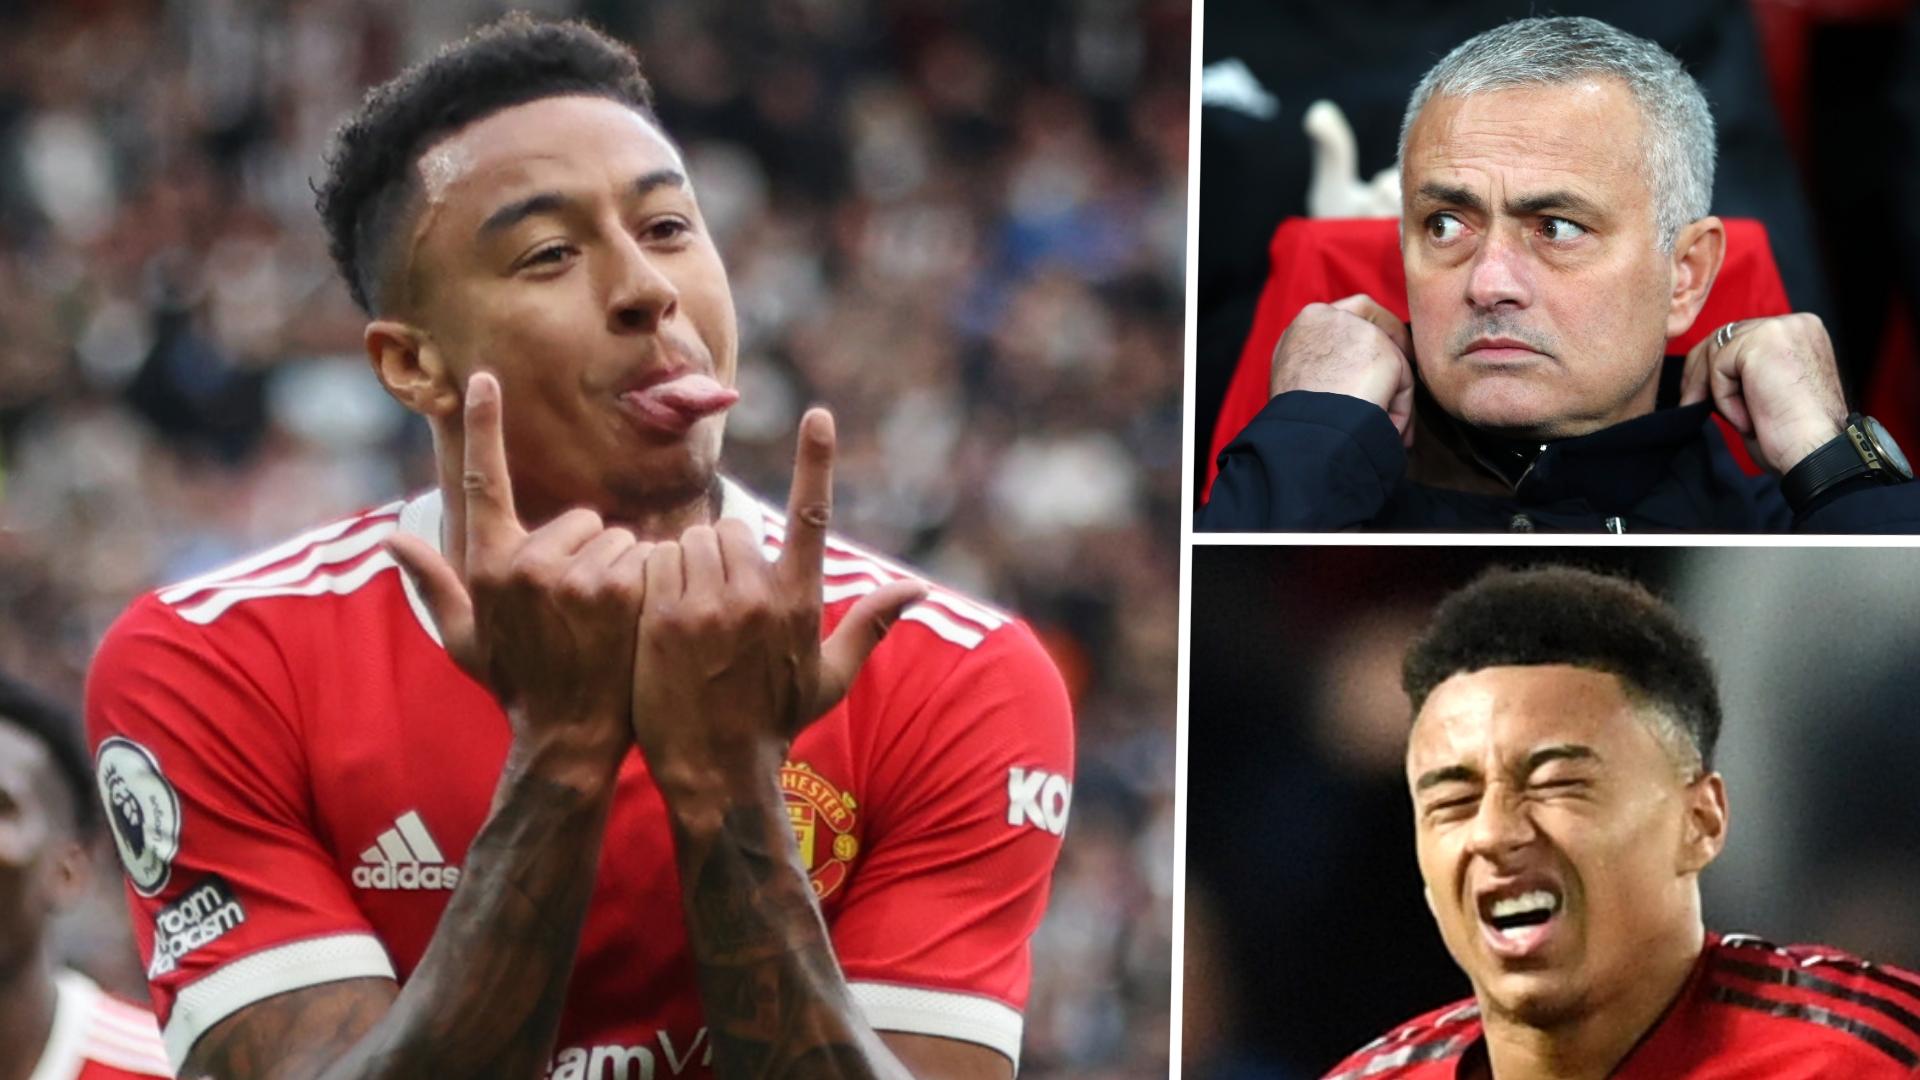 Man Utd star Lingard opens up on Mourinho's random FaceTime calls, hitting rock bottom & love for Bruno Fernandes